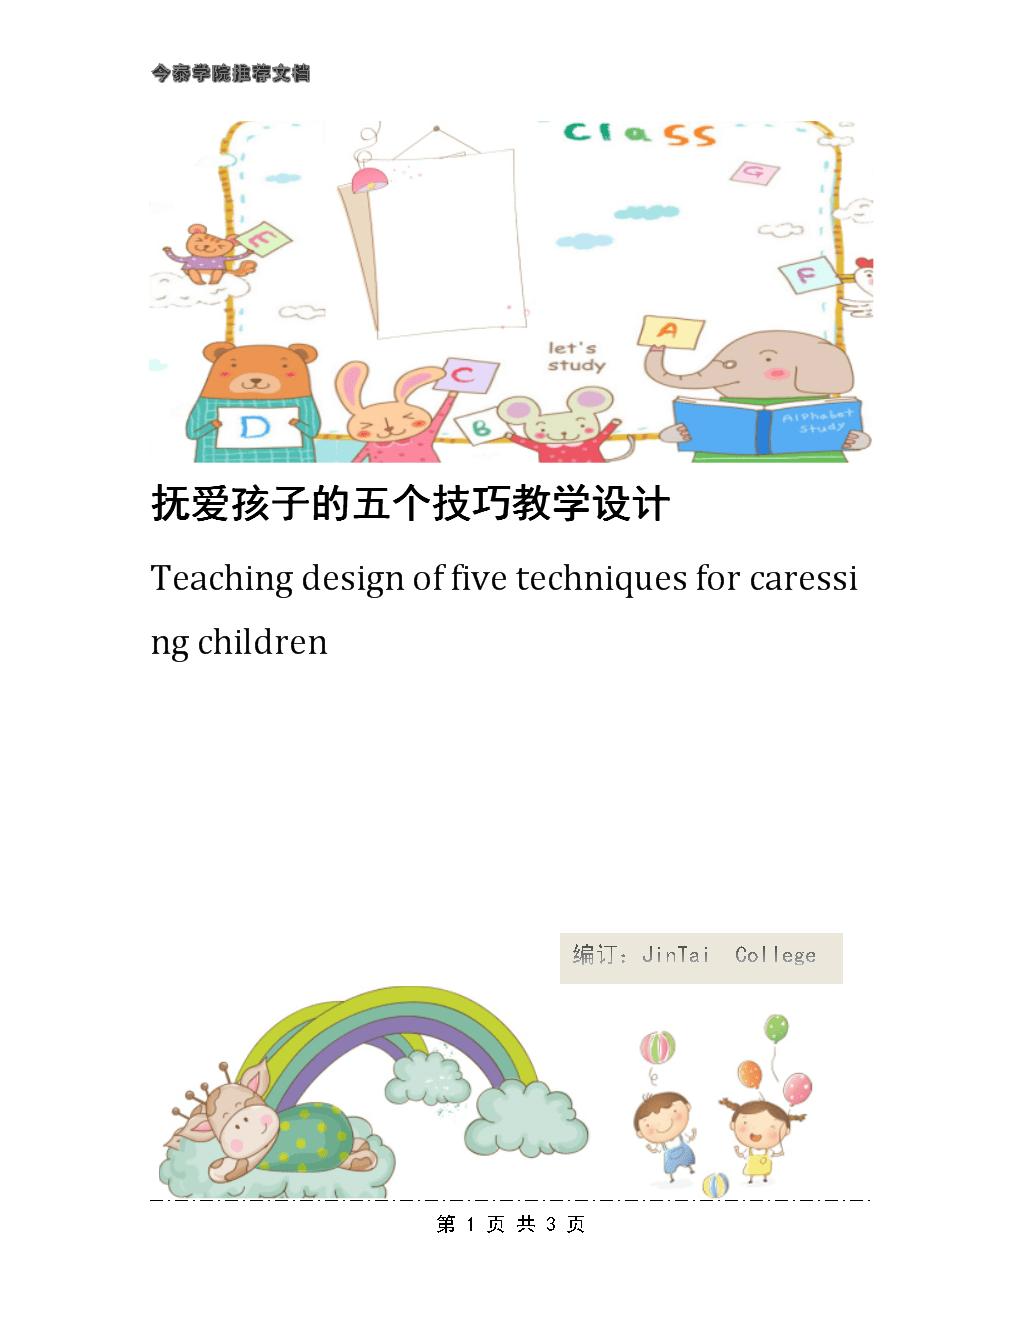 抚爱孩子的五个技巧教学设计.docx